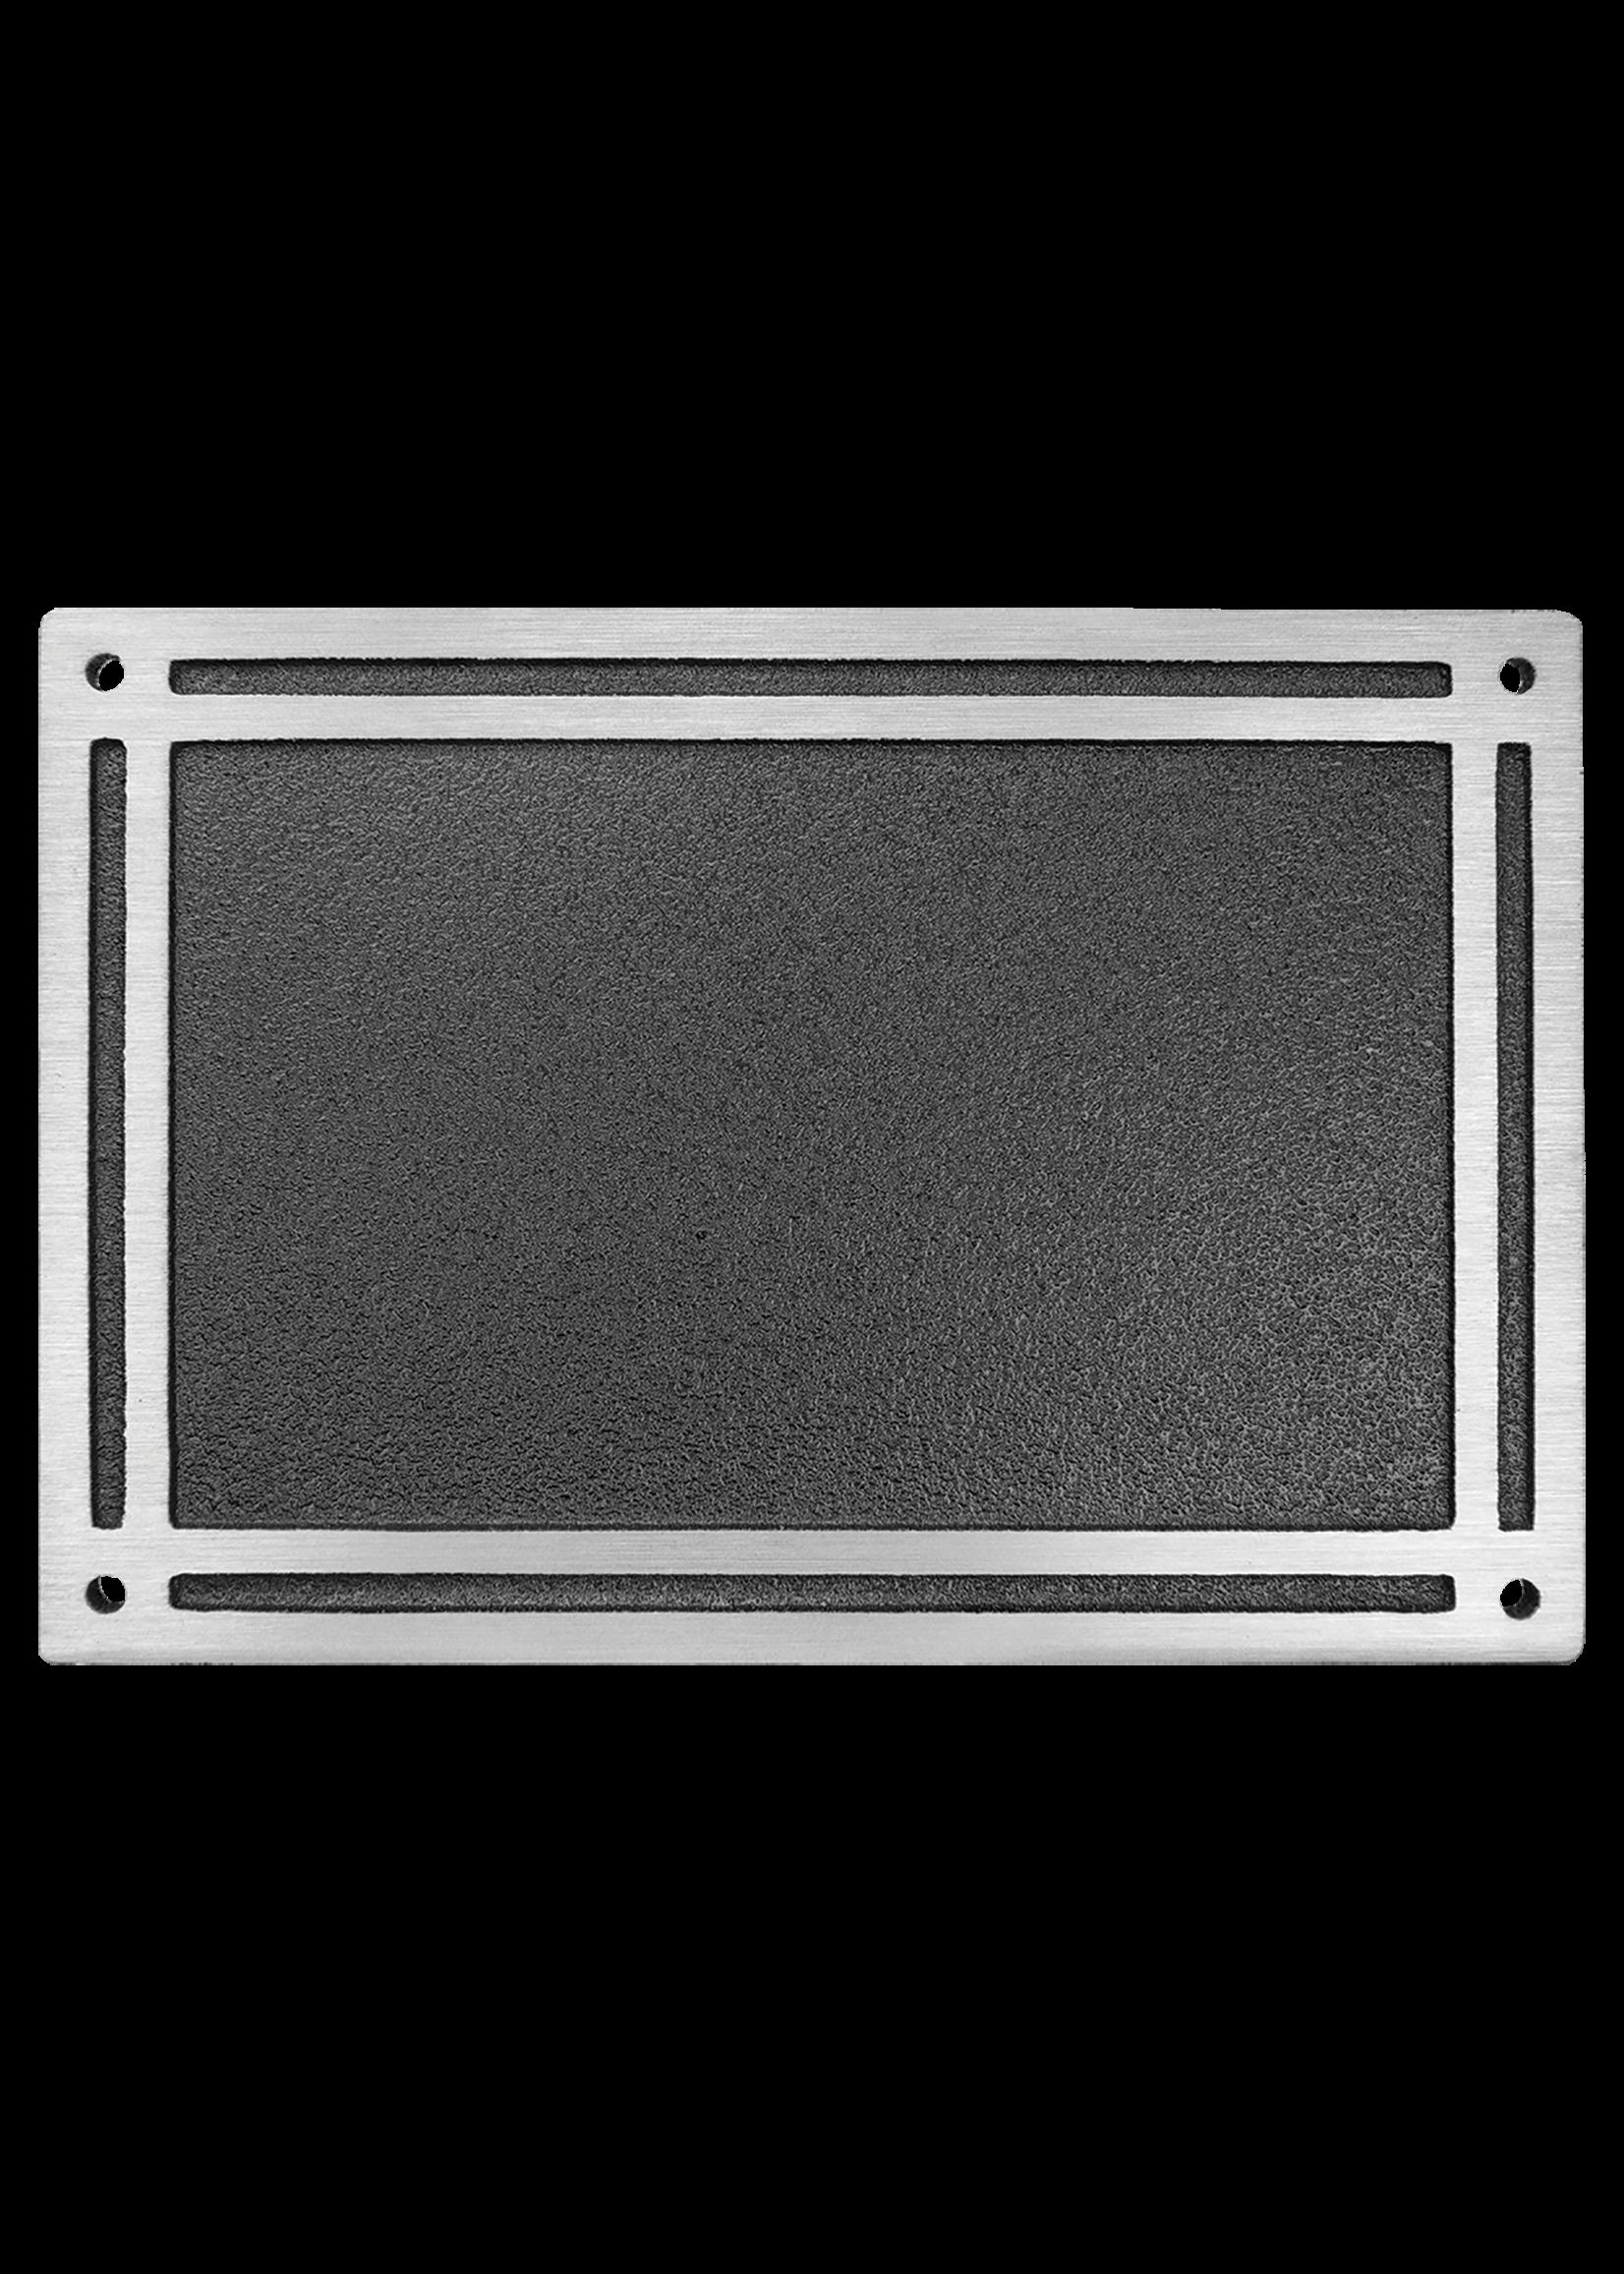 Cast Aluminum Plaques with Monting Screws